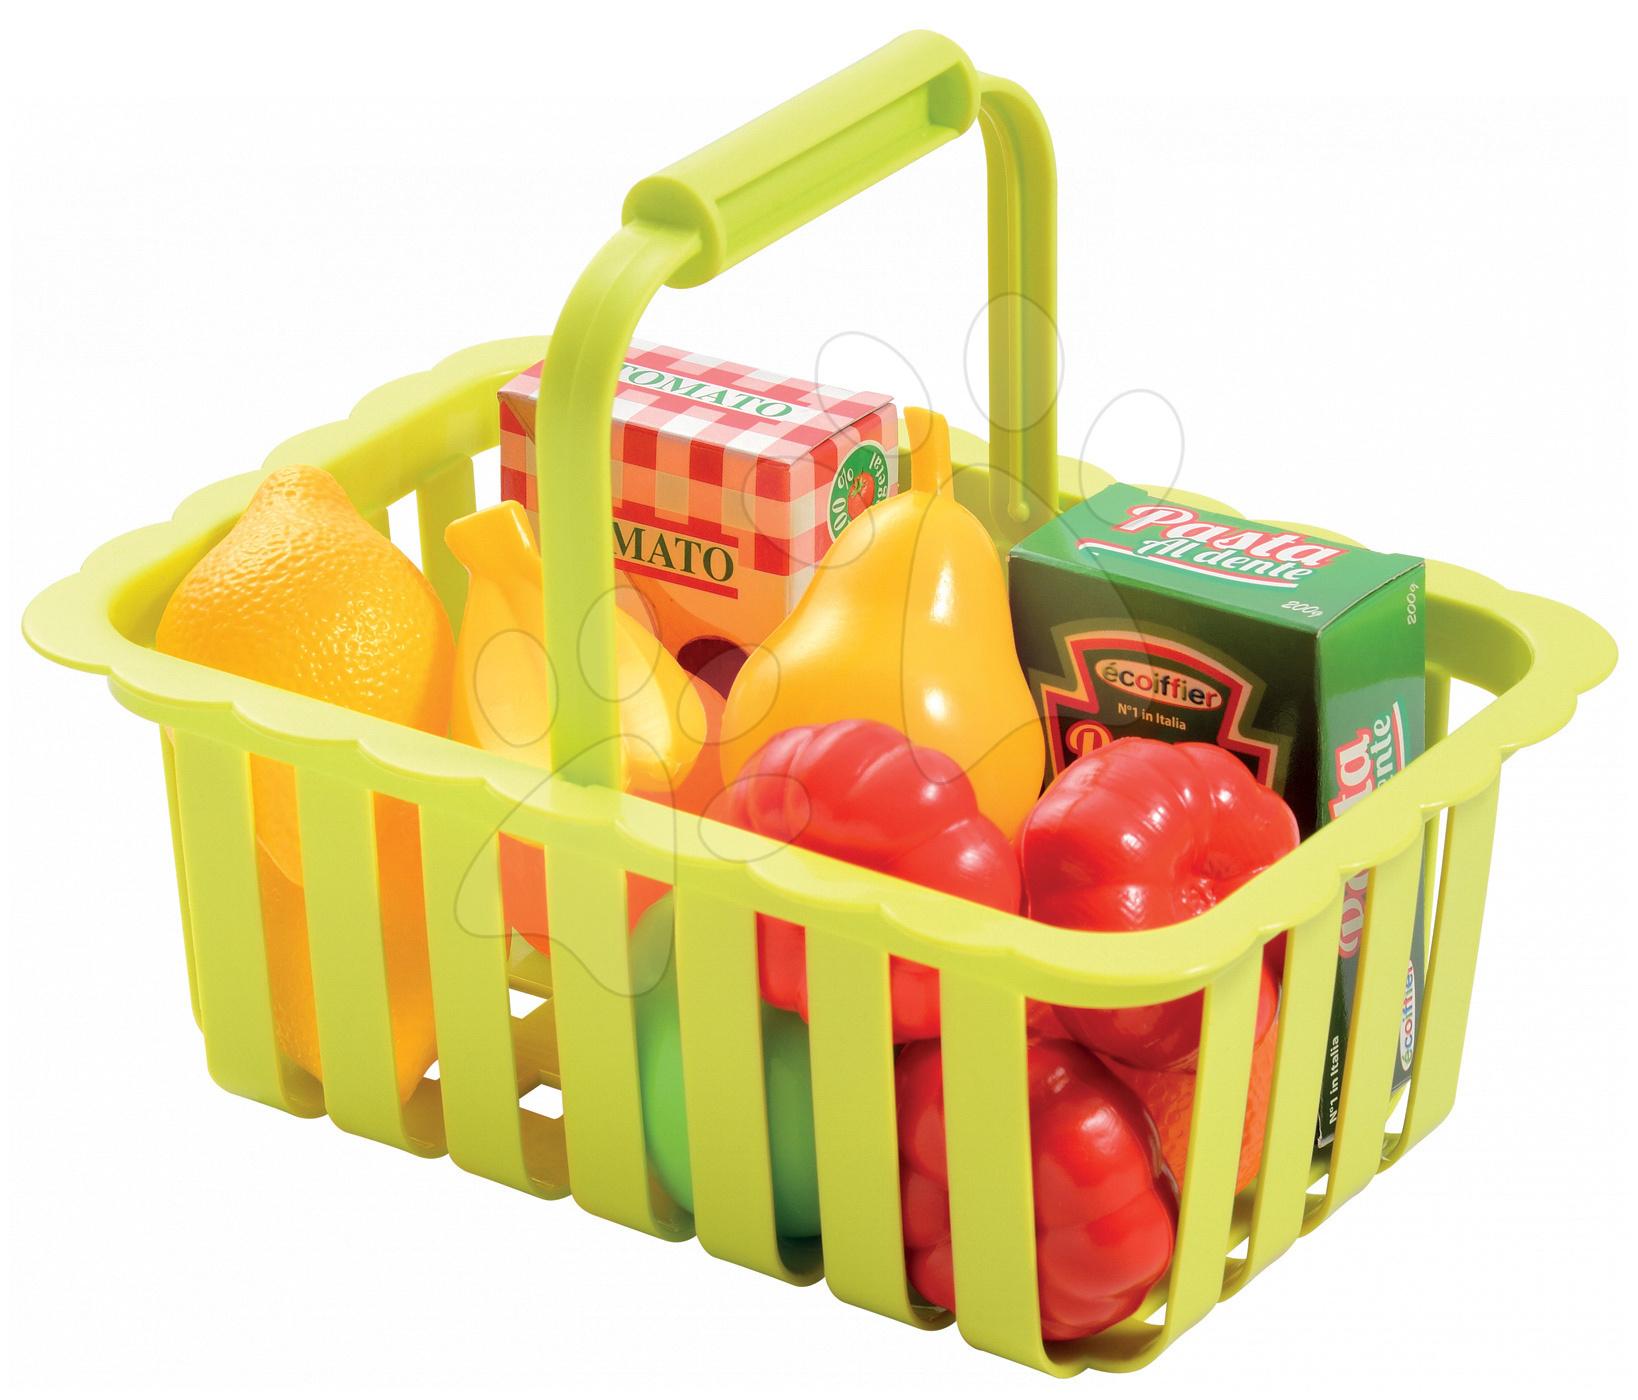 Nádobí a doplňky do kuchyňky - Košík s ovocem a zeleninou Écoiffier malý od 18 měsíců